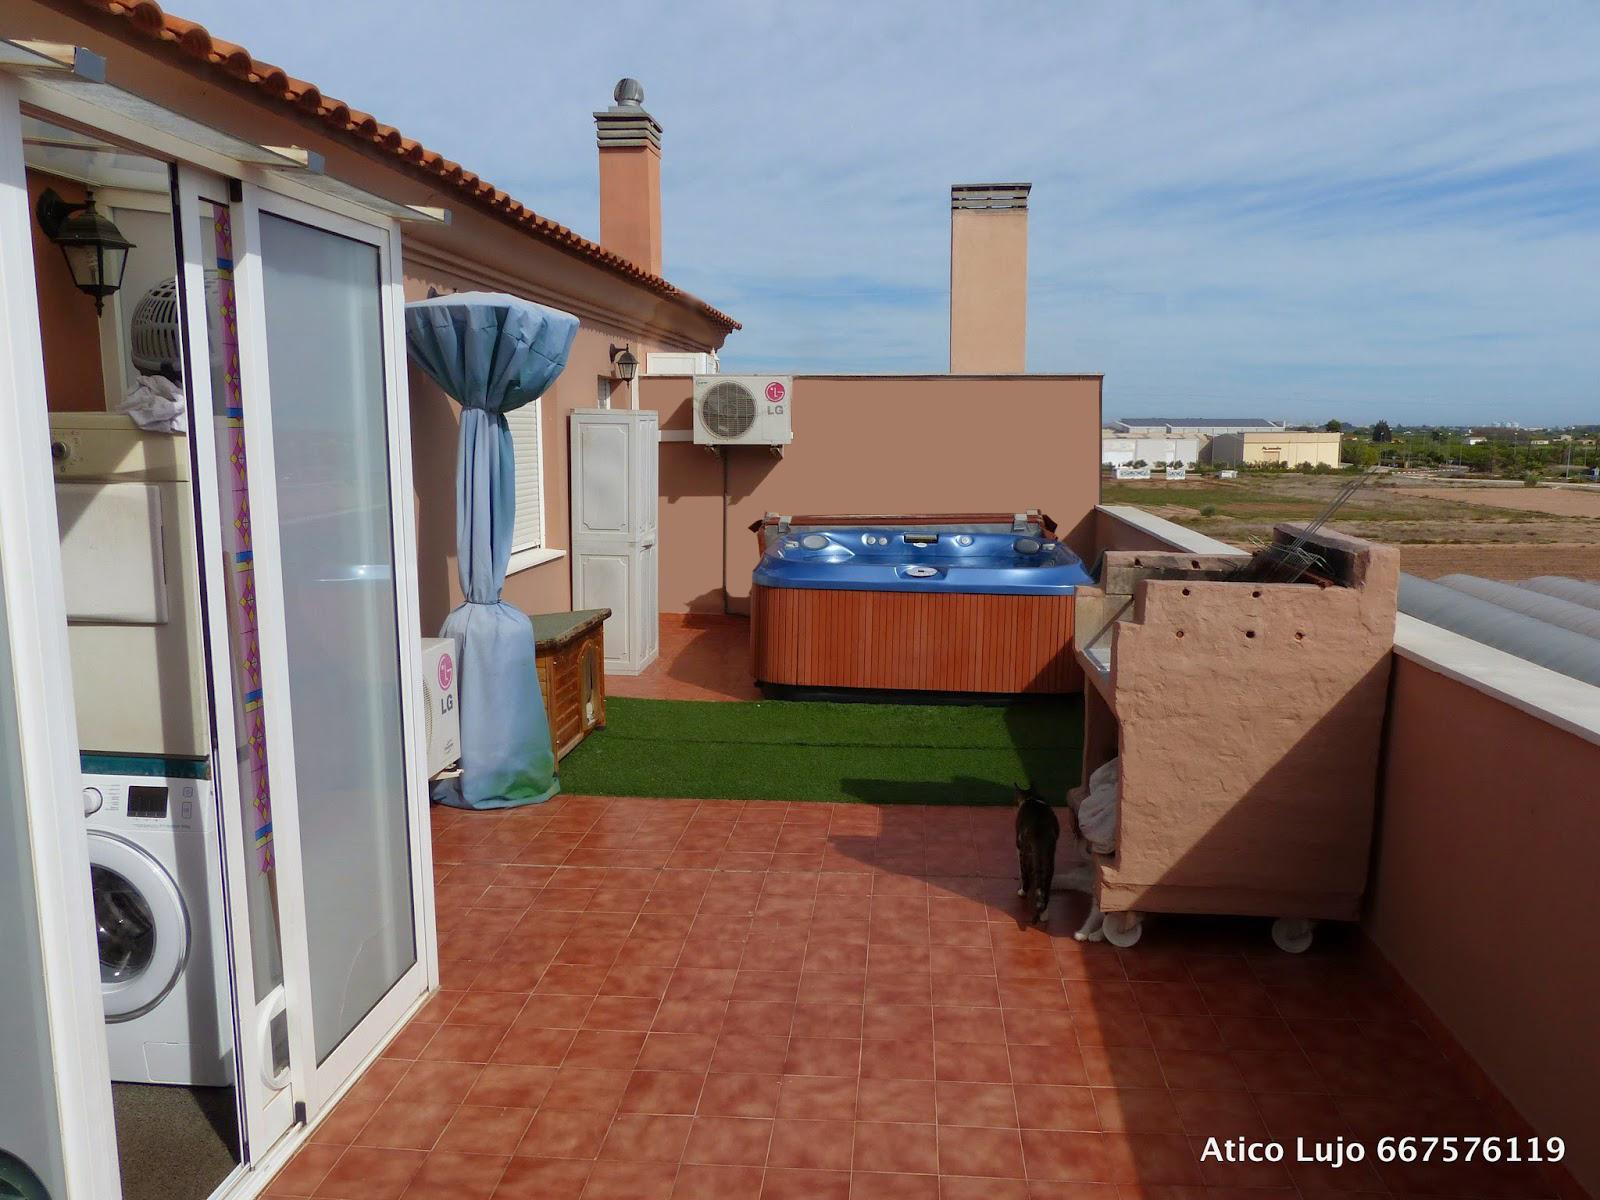 Jacuzzi exterior terraza bayahibe guesthouse terraza with for Casetas para terrazas segunda mano